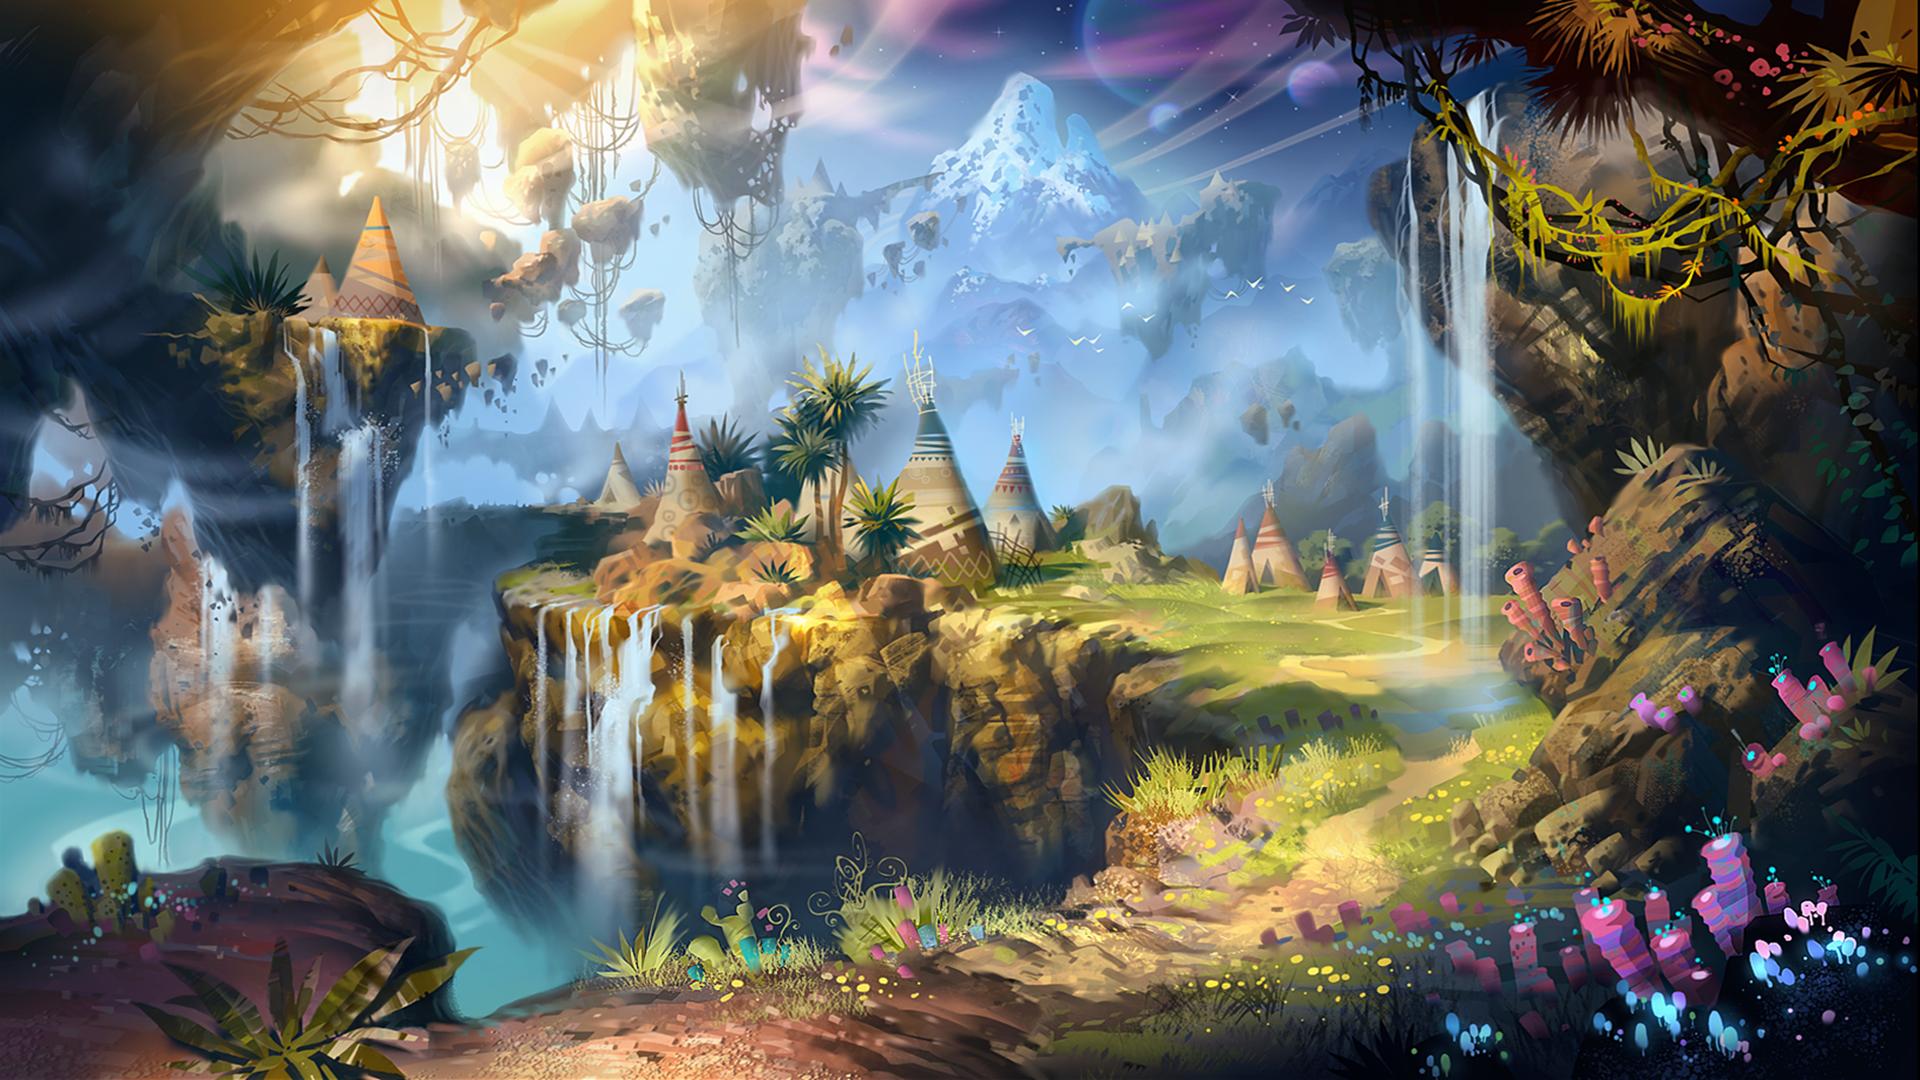 fantasy landscape wallpaper pictures - photo #16